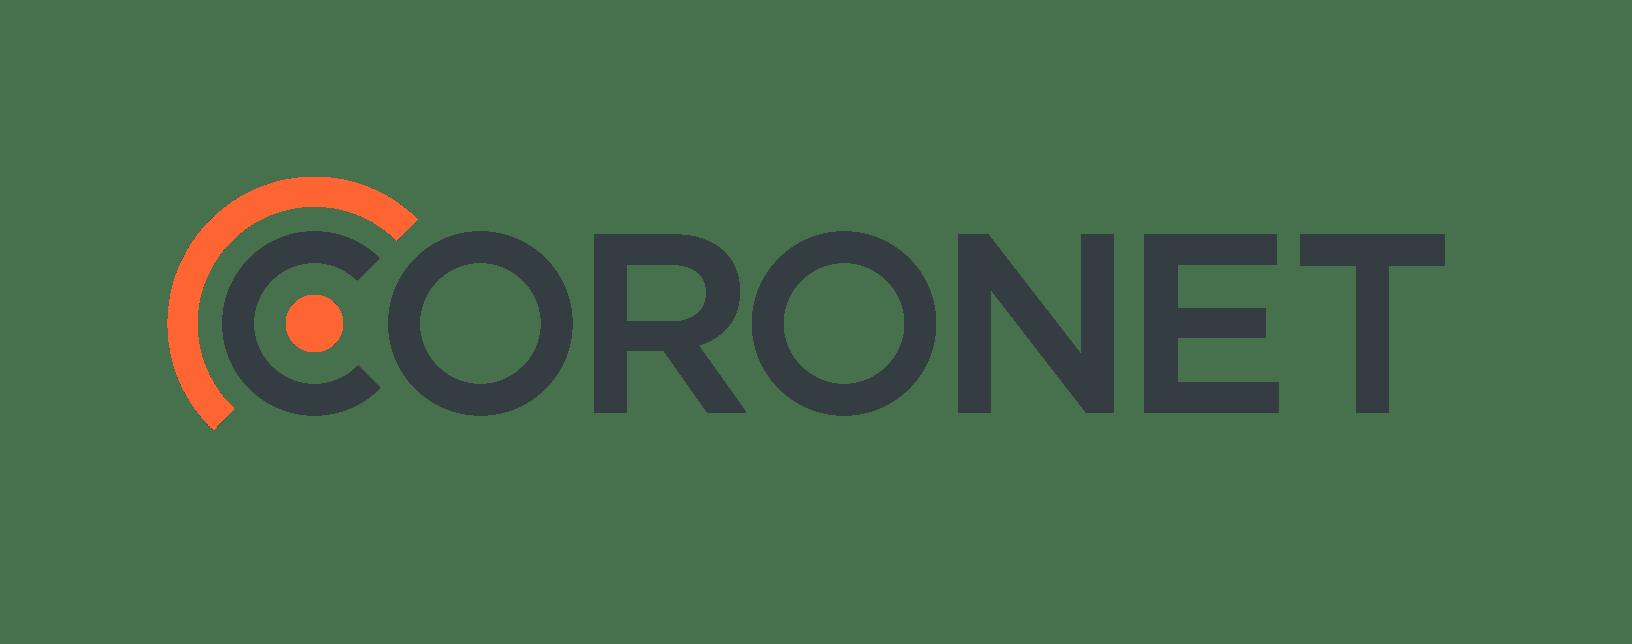 Logo for Coronet